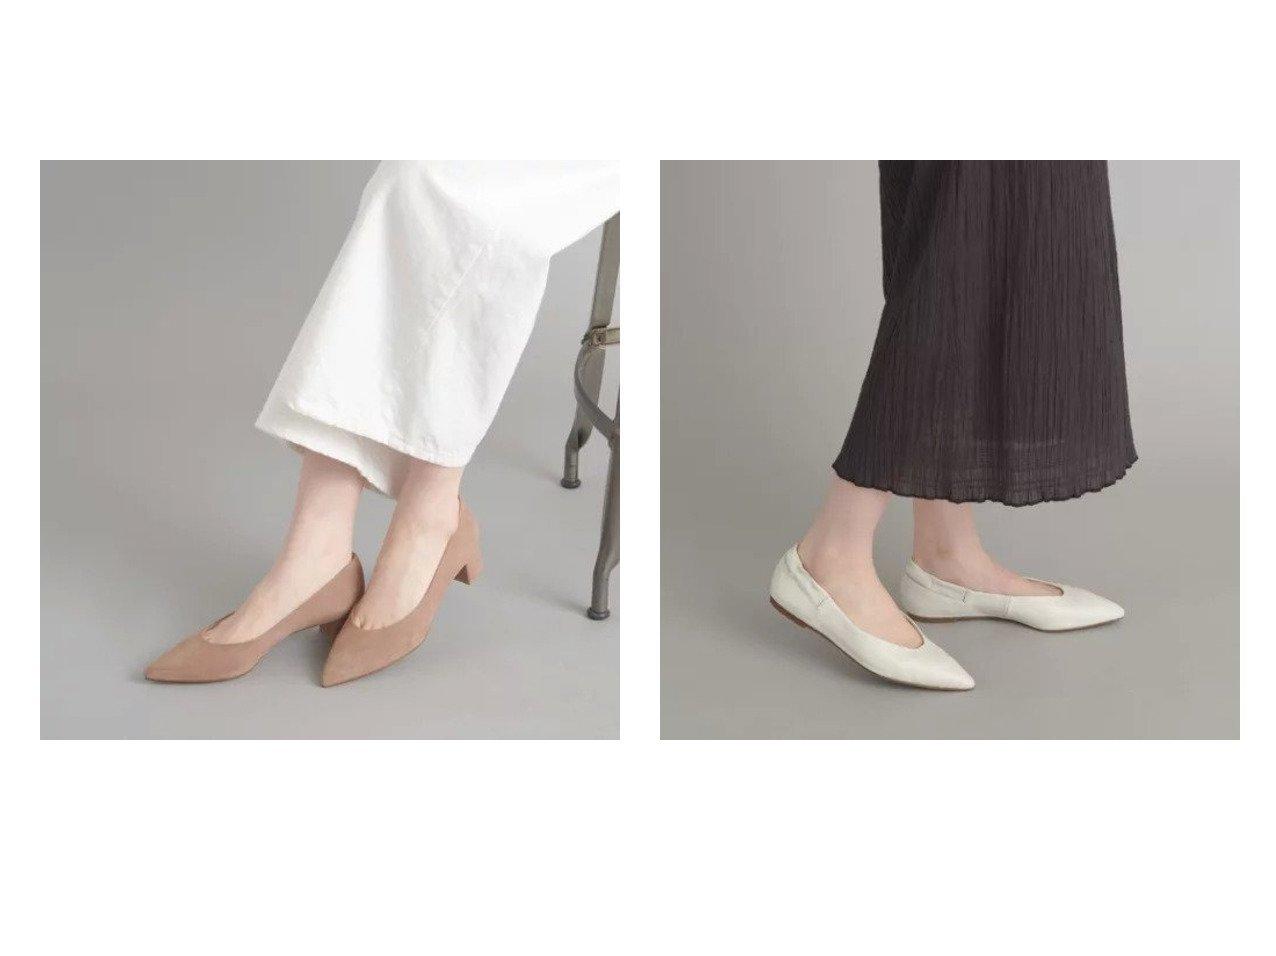 【Odette e Odile/オデット エ オディール】のOFC ギャザーゴム ポインテッド FLT10↓↑&OFD ポインテッド パンプス40↓↑ シューズ・靴のおすすめ!人気、トレンド・レディースファッションの通販  おすすめで人気の流行・トレンド、ファッションの通販商品 メンズファッション・キッズファッション・インテリア・家具・レディースファッション・服の通販 founy(ファニー) https://founy.com/ ファッション Fashion レディースファッション WOMEN シューズ ポインテッド |ID:crp329100000019254